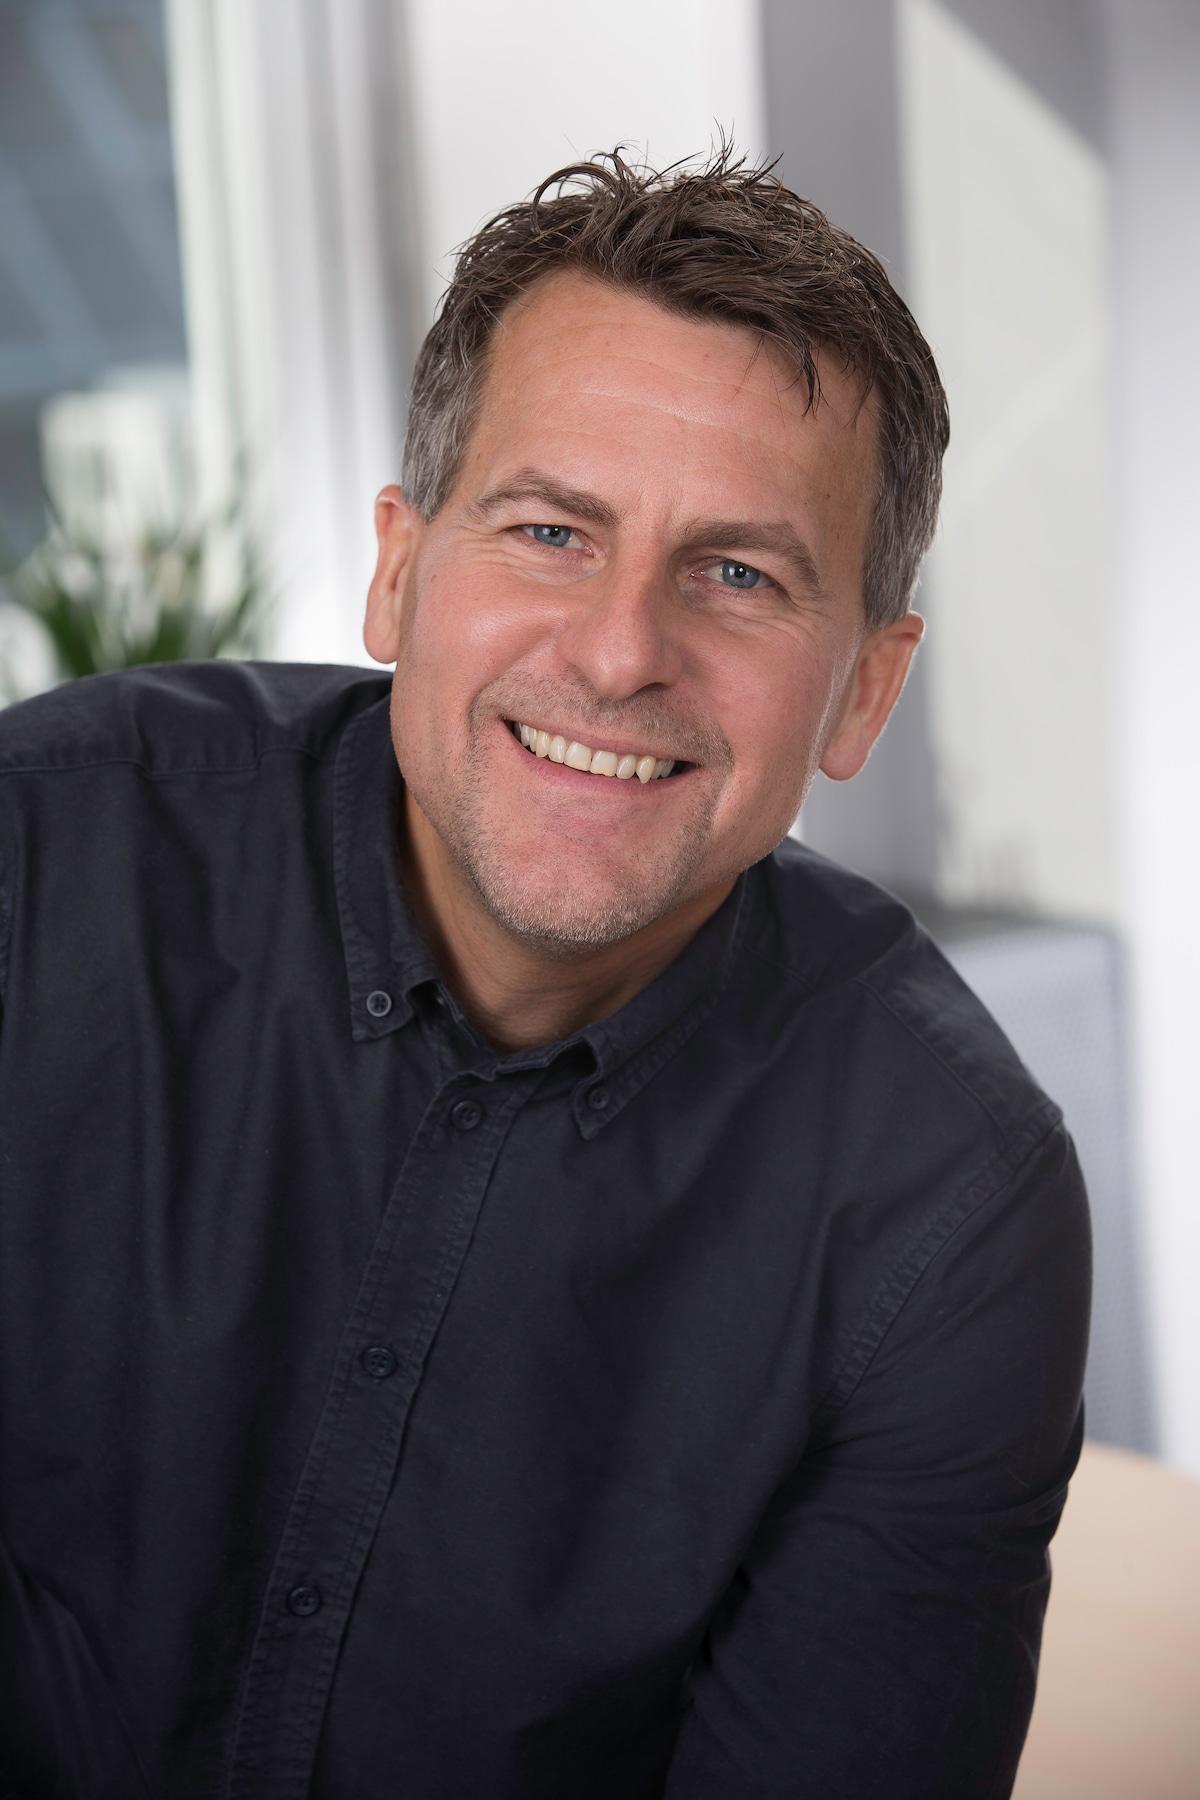 Eivind From Svendborg, Denmark